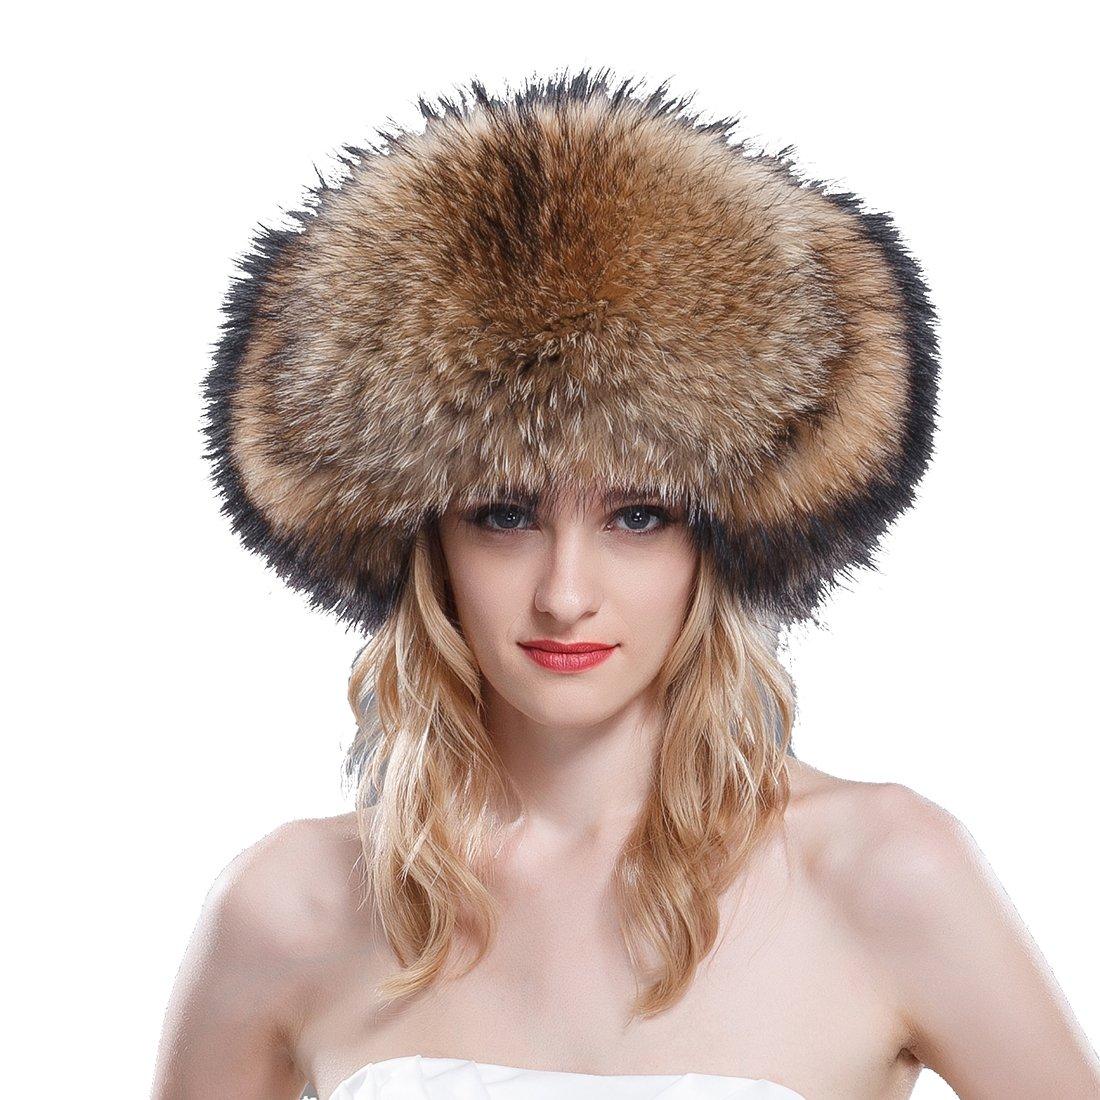 URSFUR Women's Raccoon Fur & Leather Russian Trapper Hats .Ltd. SD-F1356-1-1